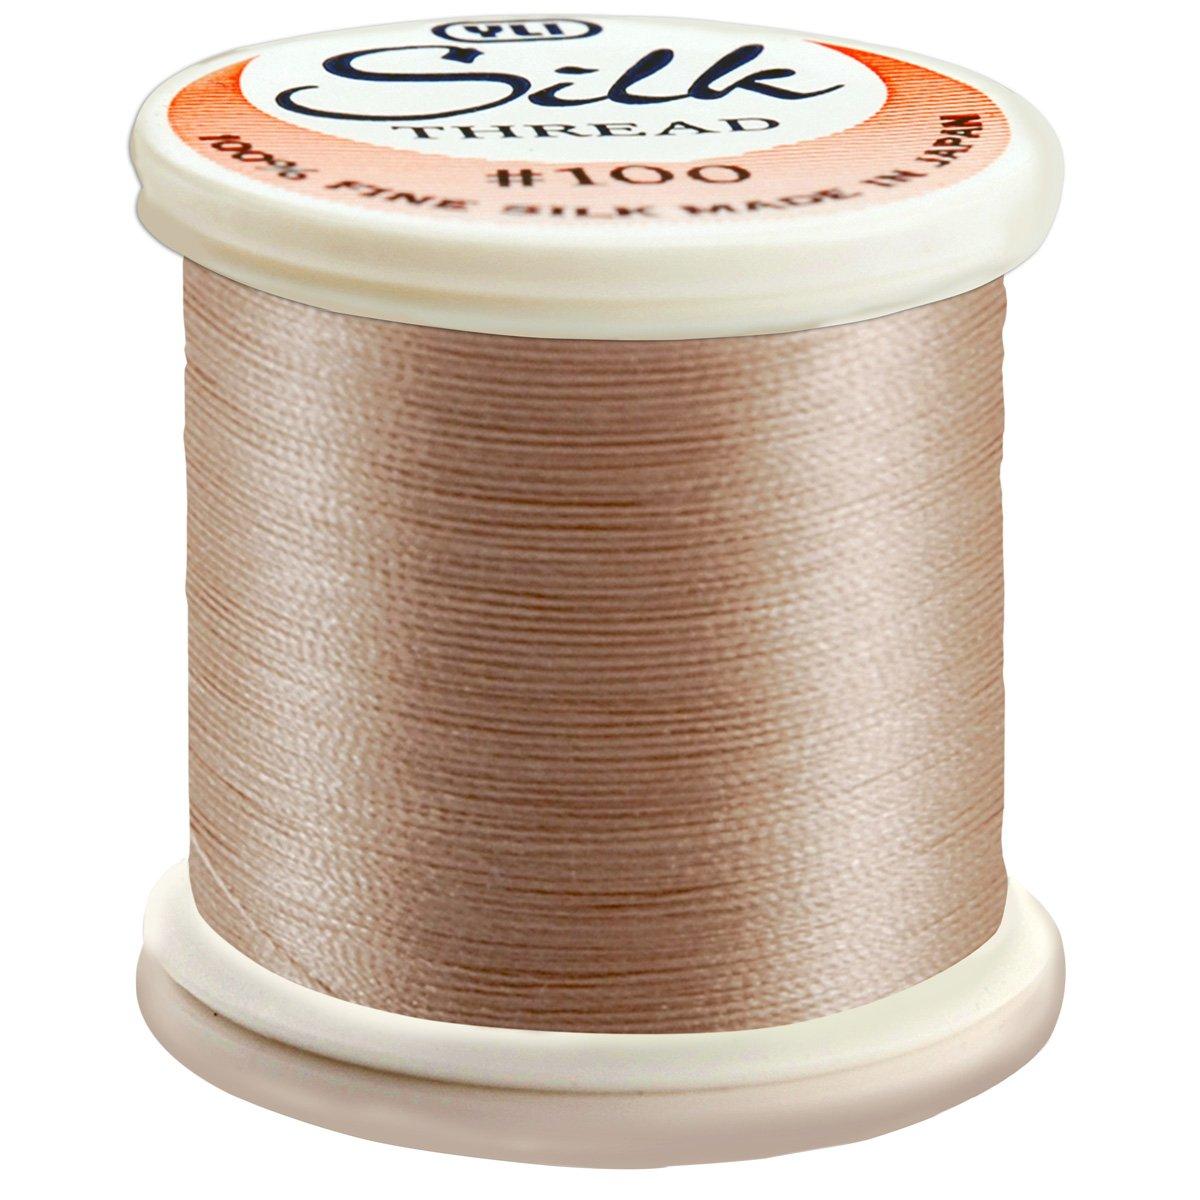 絹糸 100 重量 200 メートル-   B0018NBBZQ